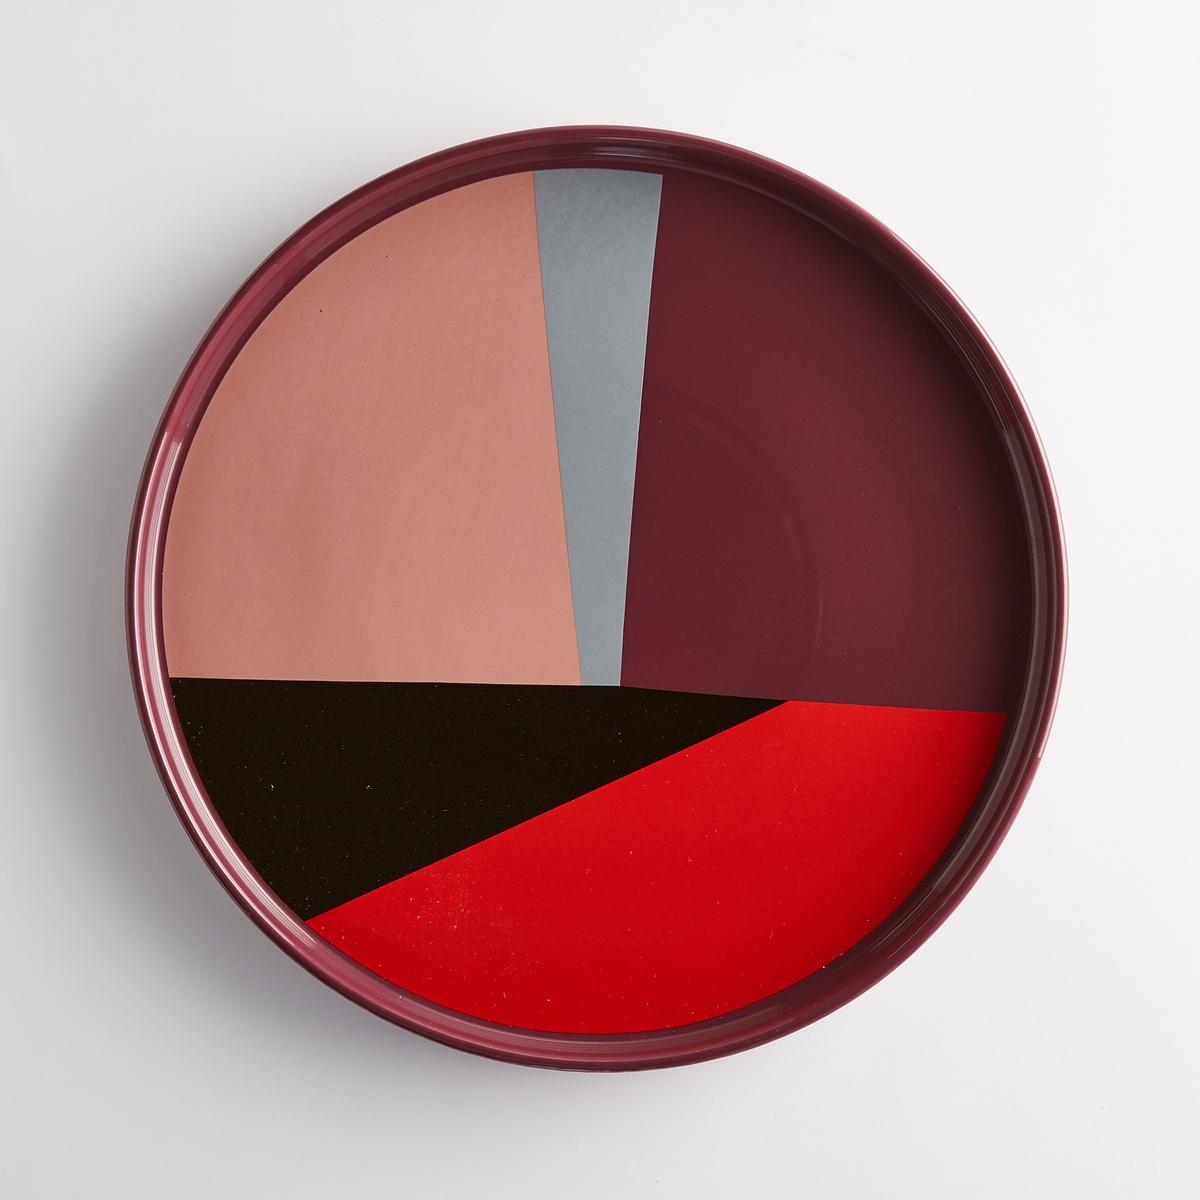 Блюдо сервировочное разноцветное, из керамики DRISKOLХарактеристики сервировочного блюда Driskol :Из керамики.Геометрический рисунок.Размеры разноцветного сервировочного блюда Driskol :Диаметр. 30 см..Другие блюда и товары для кухни на сайте laredoute.ru<br><br>Цвет: разноцветный